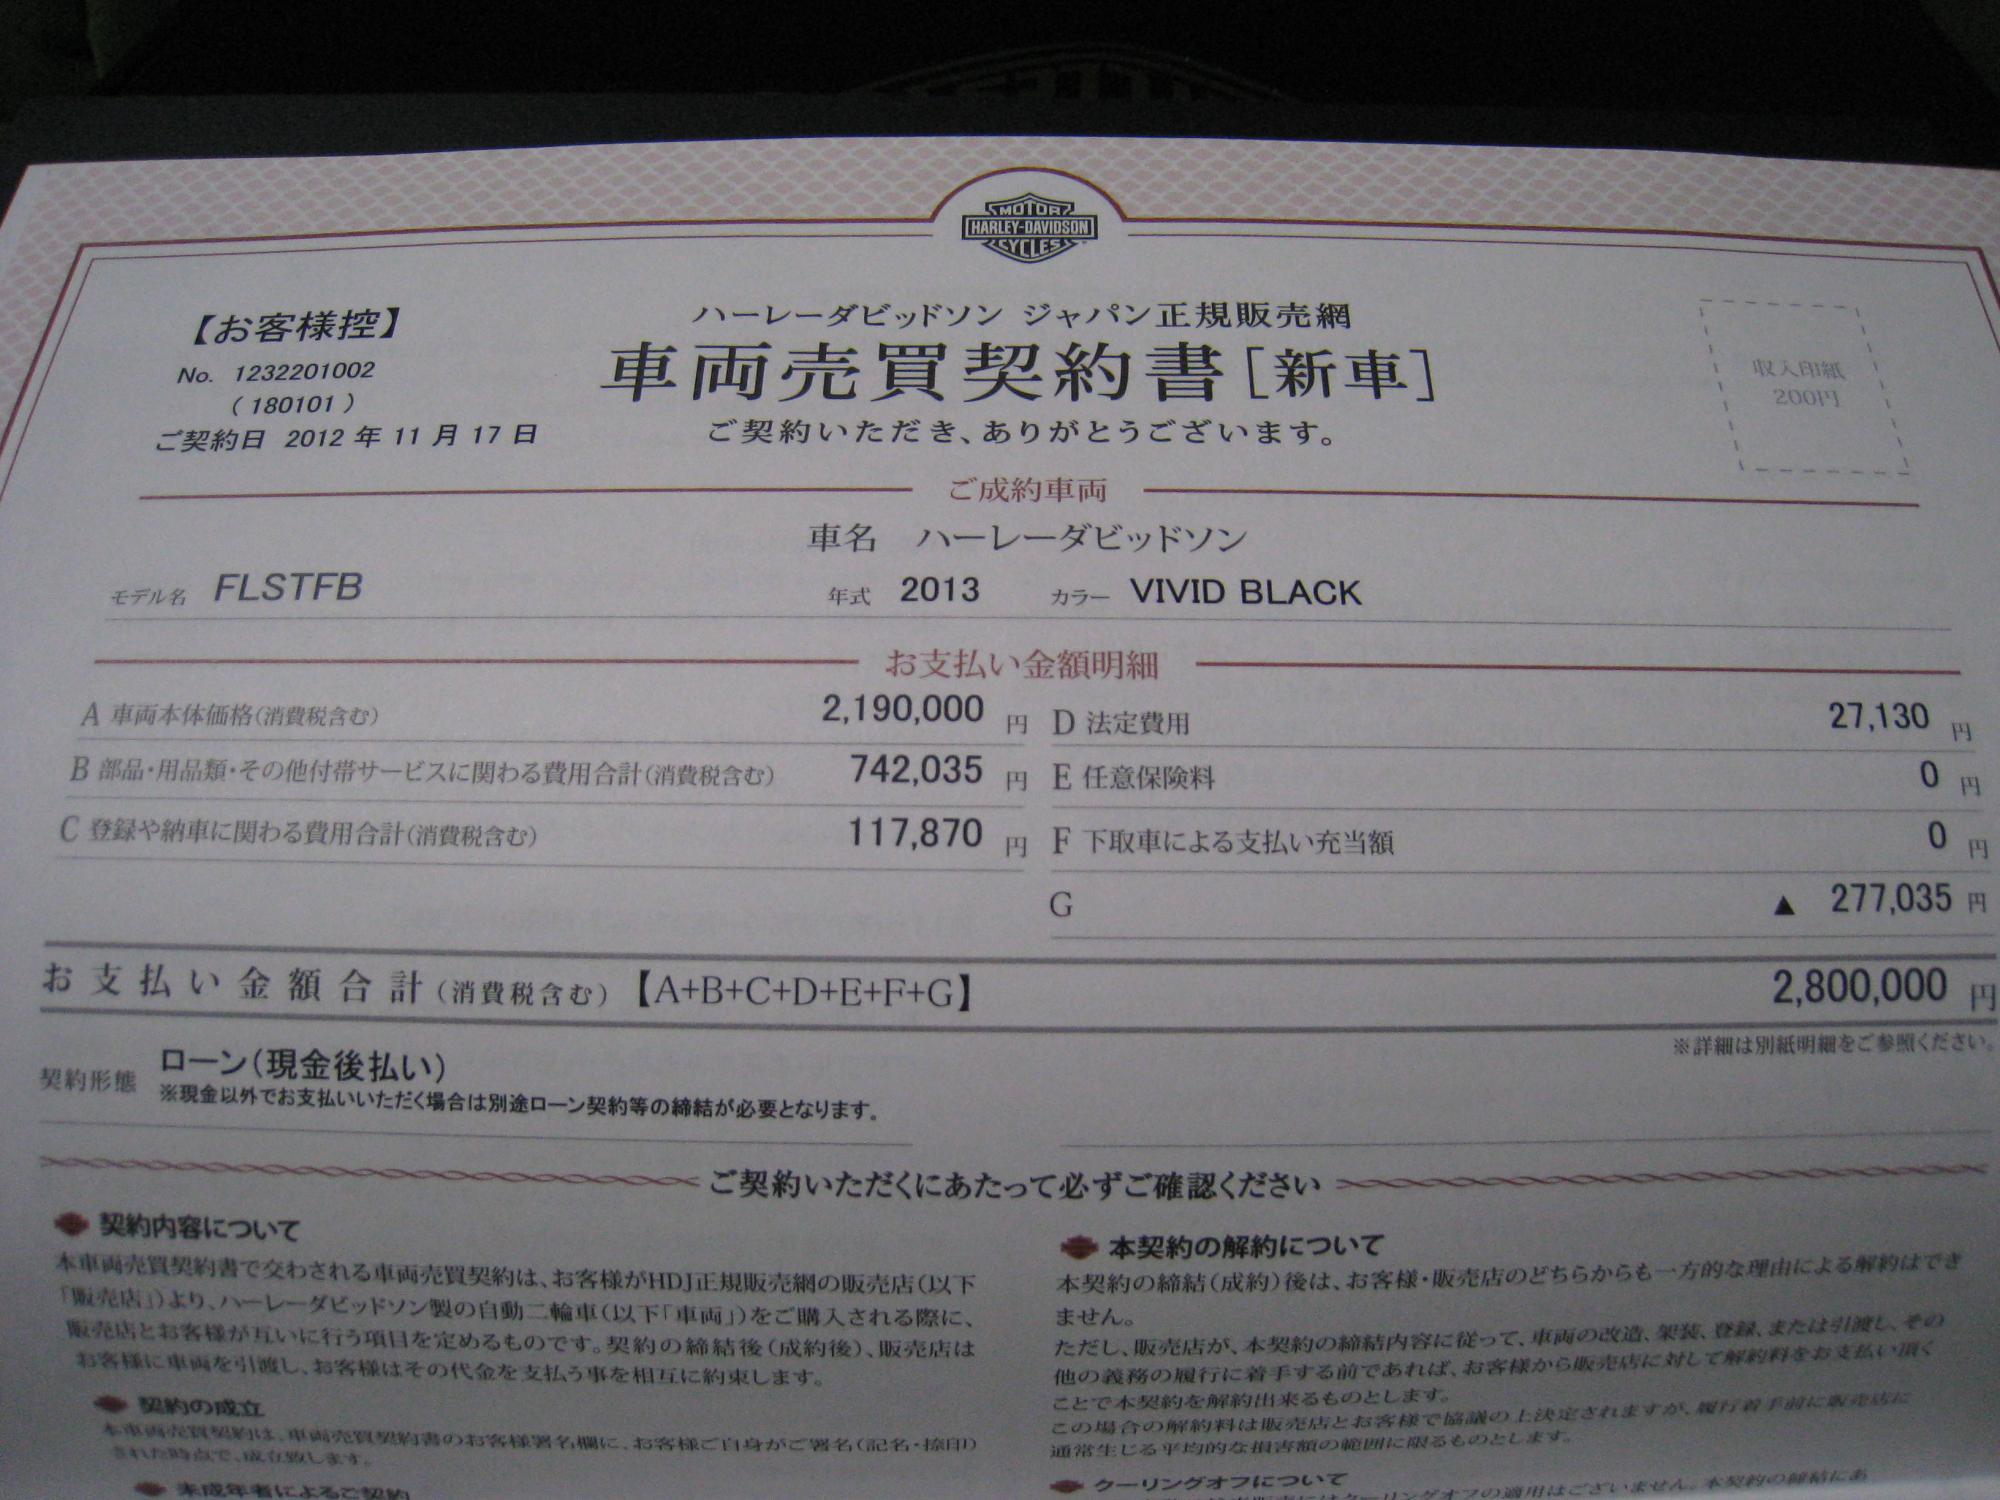 新車契約_convert_20121126233025